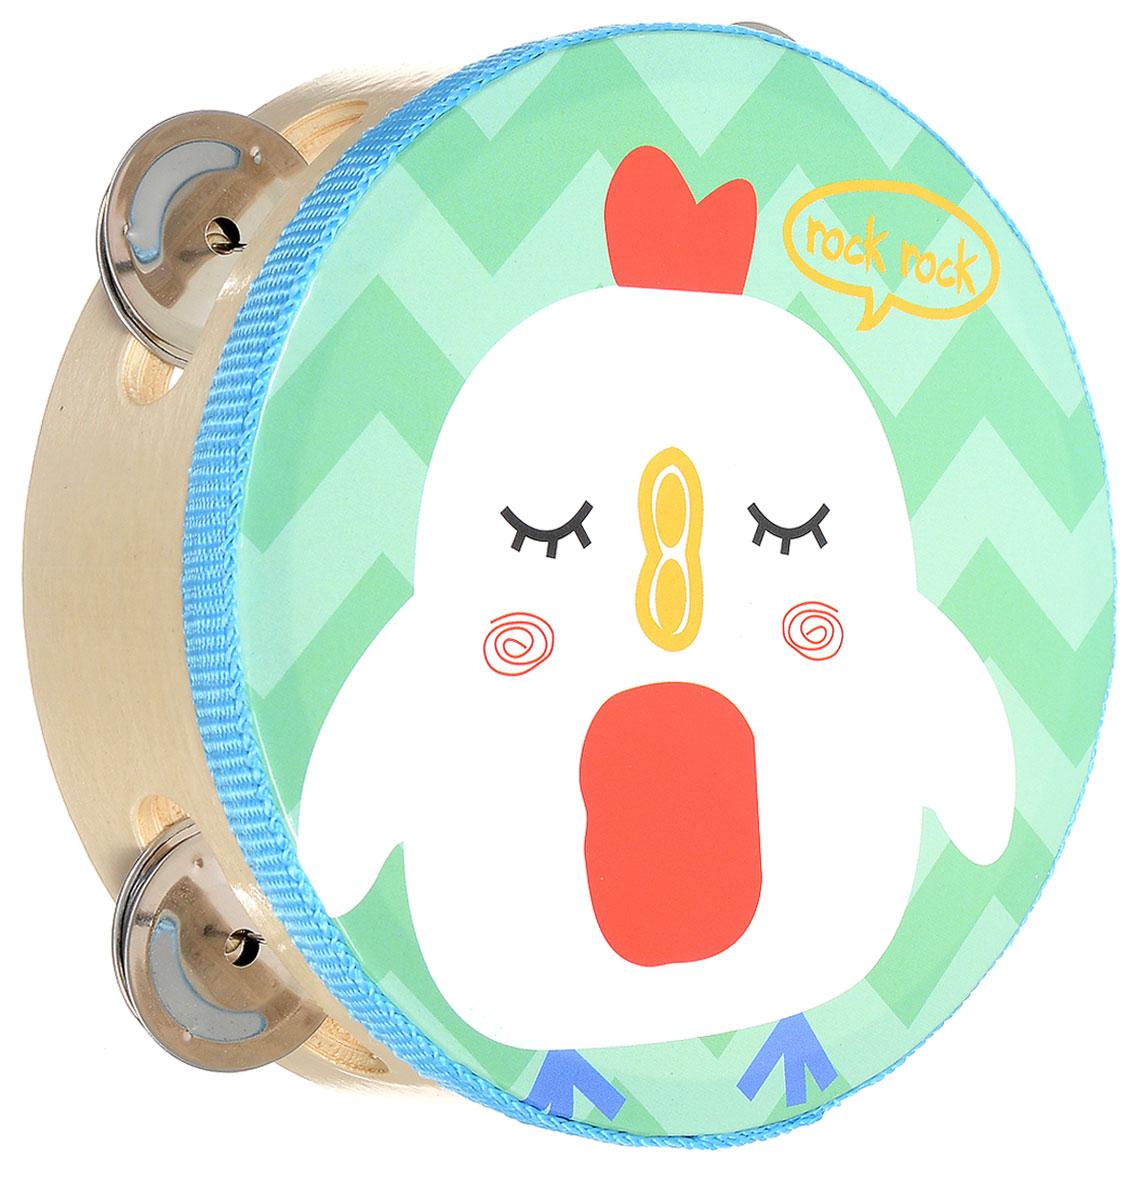 Мир деревянных игрушек Бубен ЦыпленокД212_голубой, бирюзовыйБубен Мир деревянных игрушек Цыпленок состоит из деревянного корпуса с ярким рисунком в виде забавного цыпленка и железных дисков, звенящих при ударе и движении инструмента. Бубен издает приятный громкий звон, который непременно понравится ребенку. С помощью этого инструмента вы сможете устроить веселый концерт и порадовать своих родных и друзей. Бубен поможет вашему ребенку развить чувство ритма, а также привить малышу любовь к музыке.